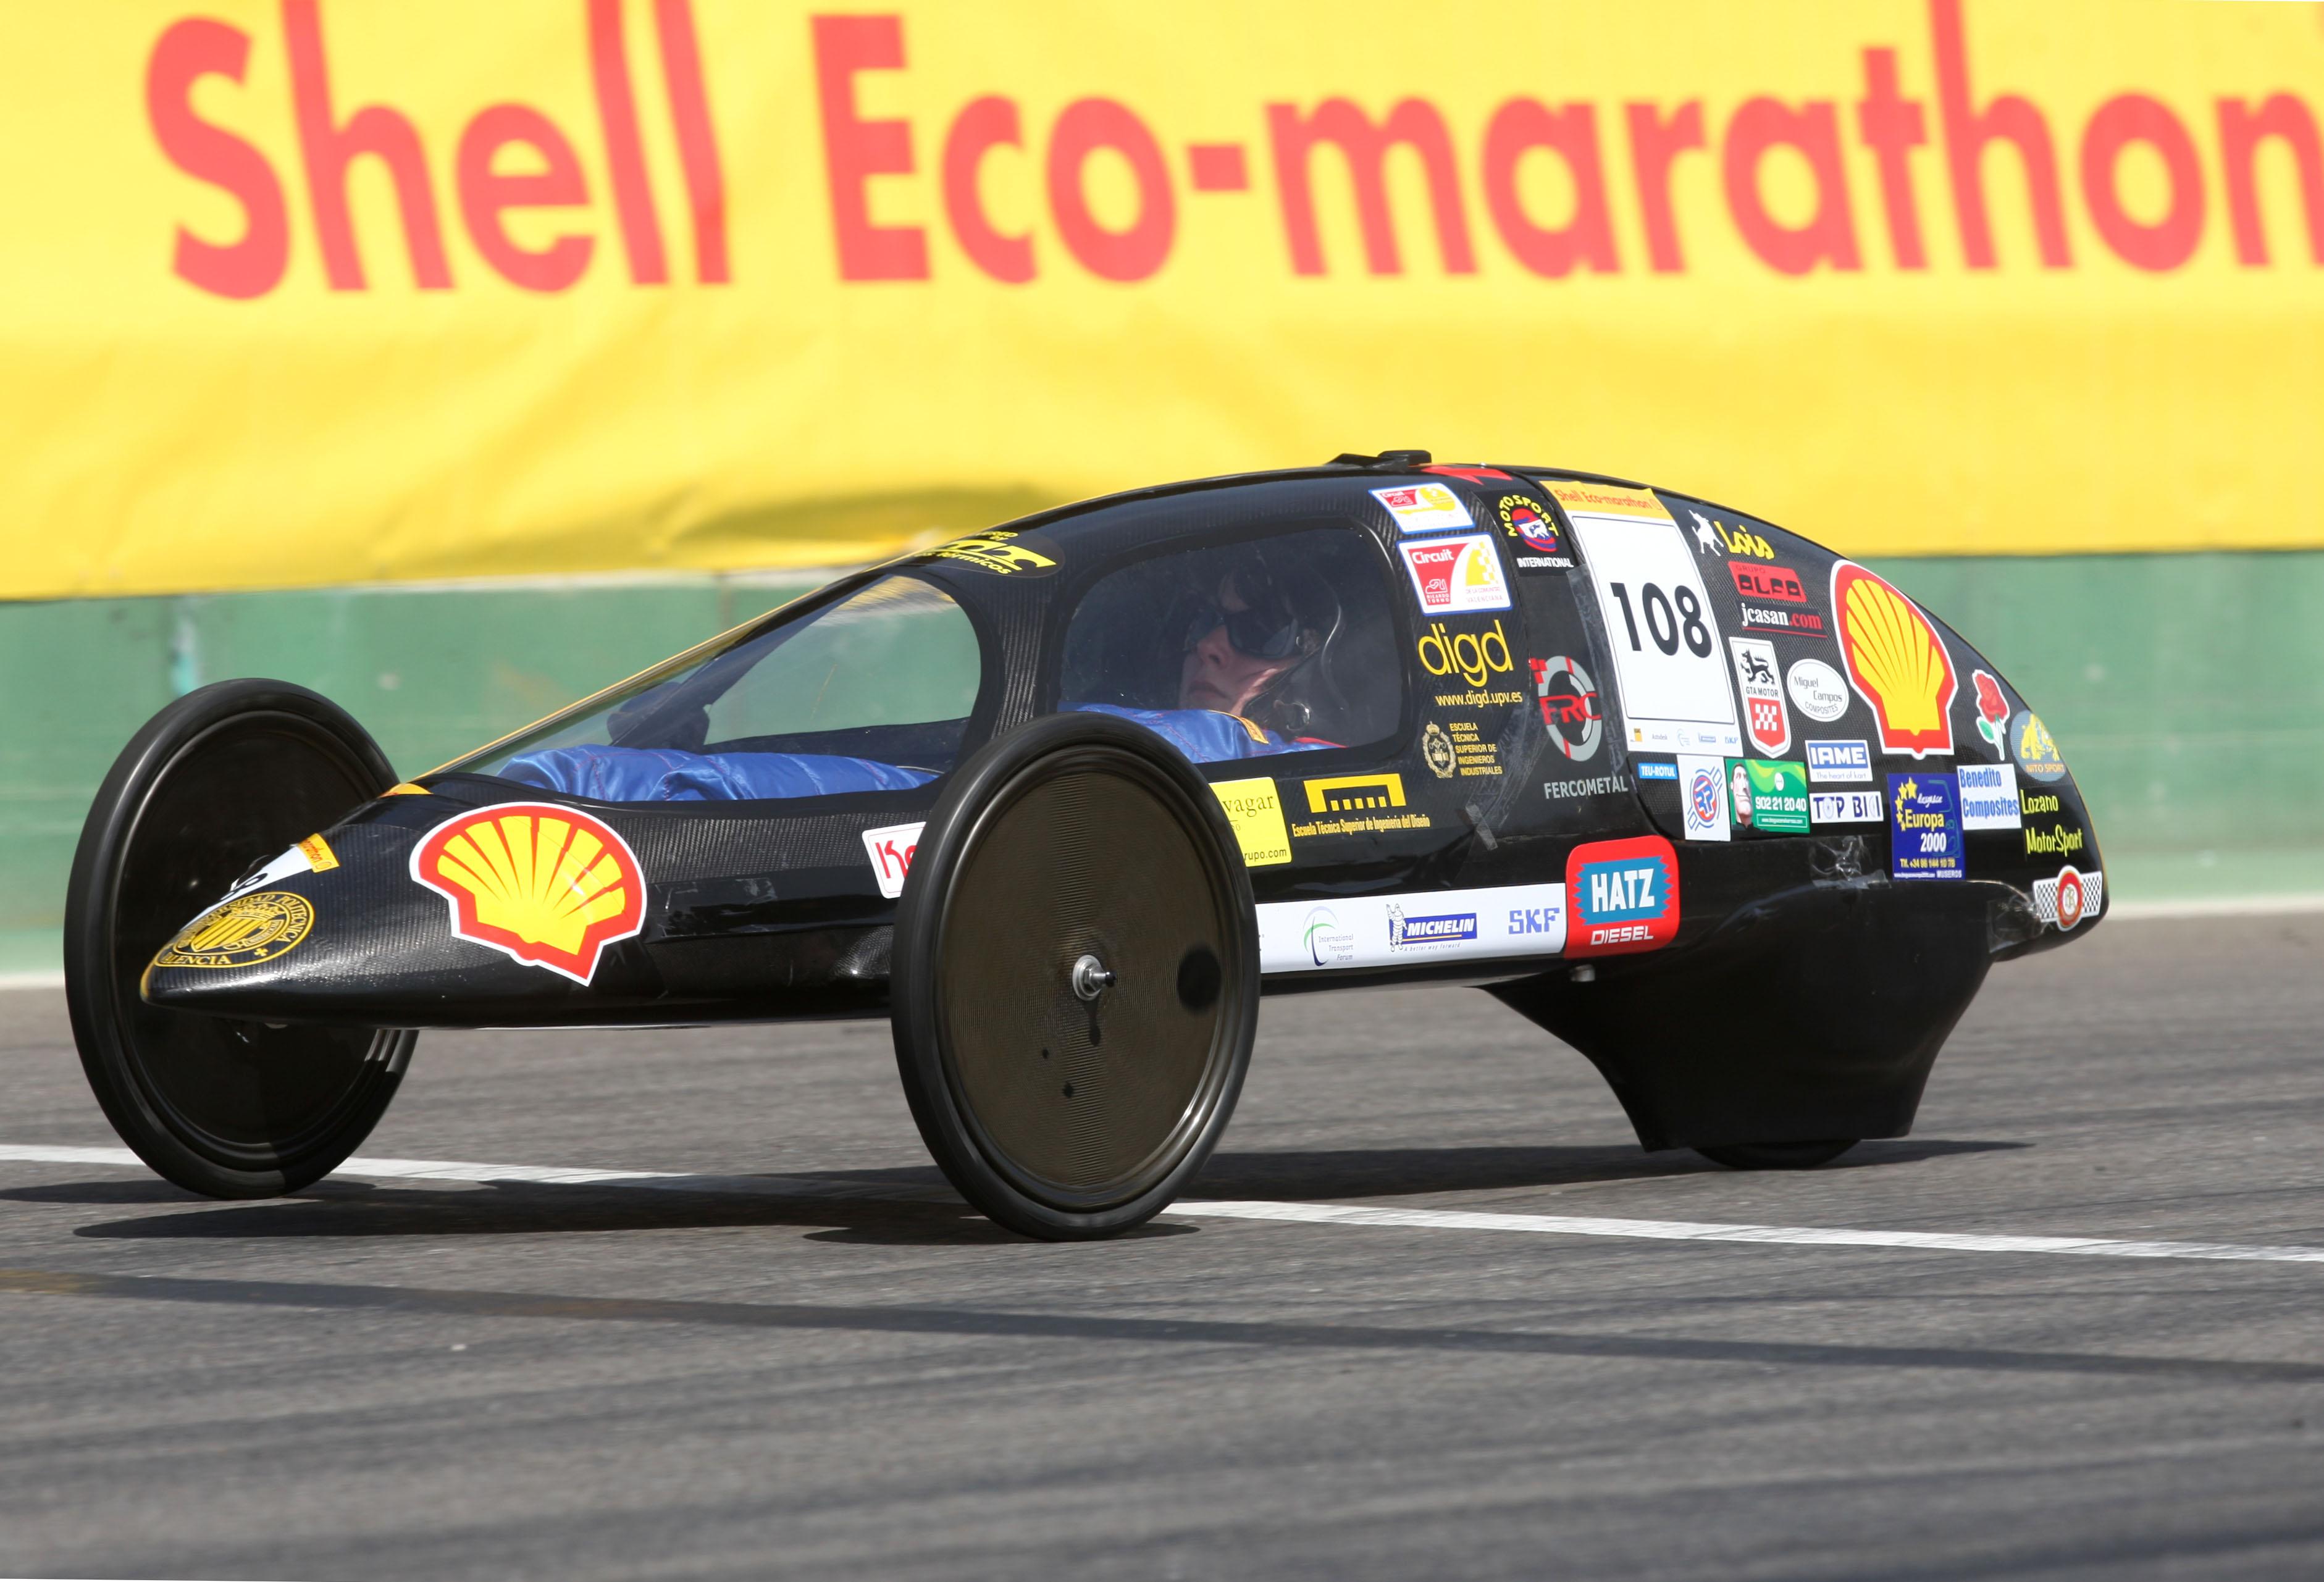 1- Que es la Shell Eco-Marathon?